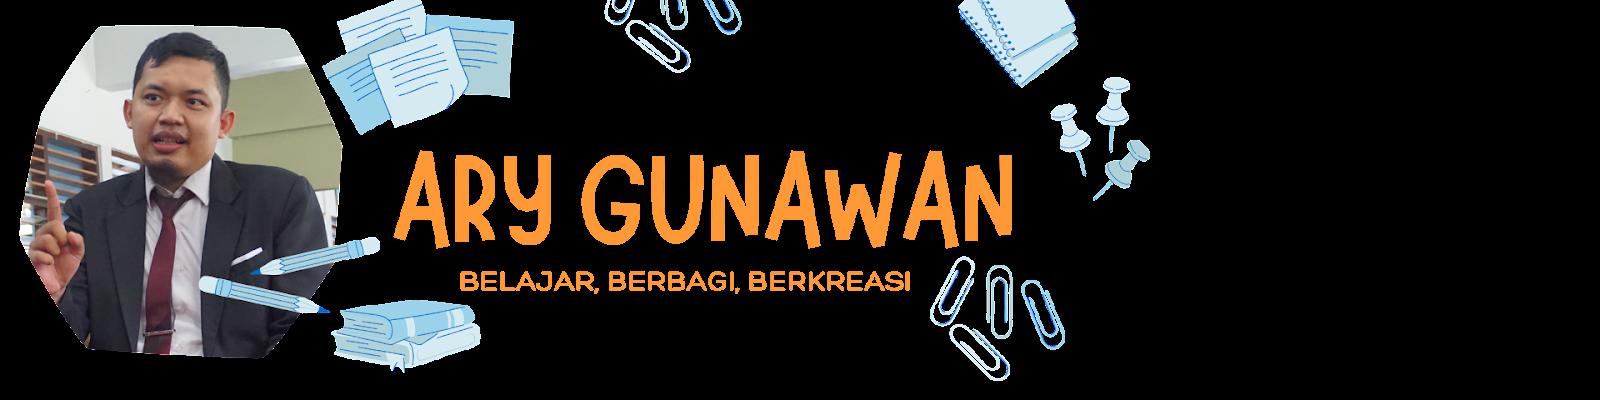 Ary Gunawan - Site